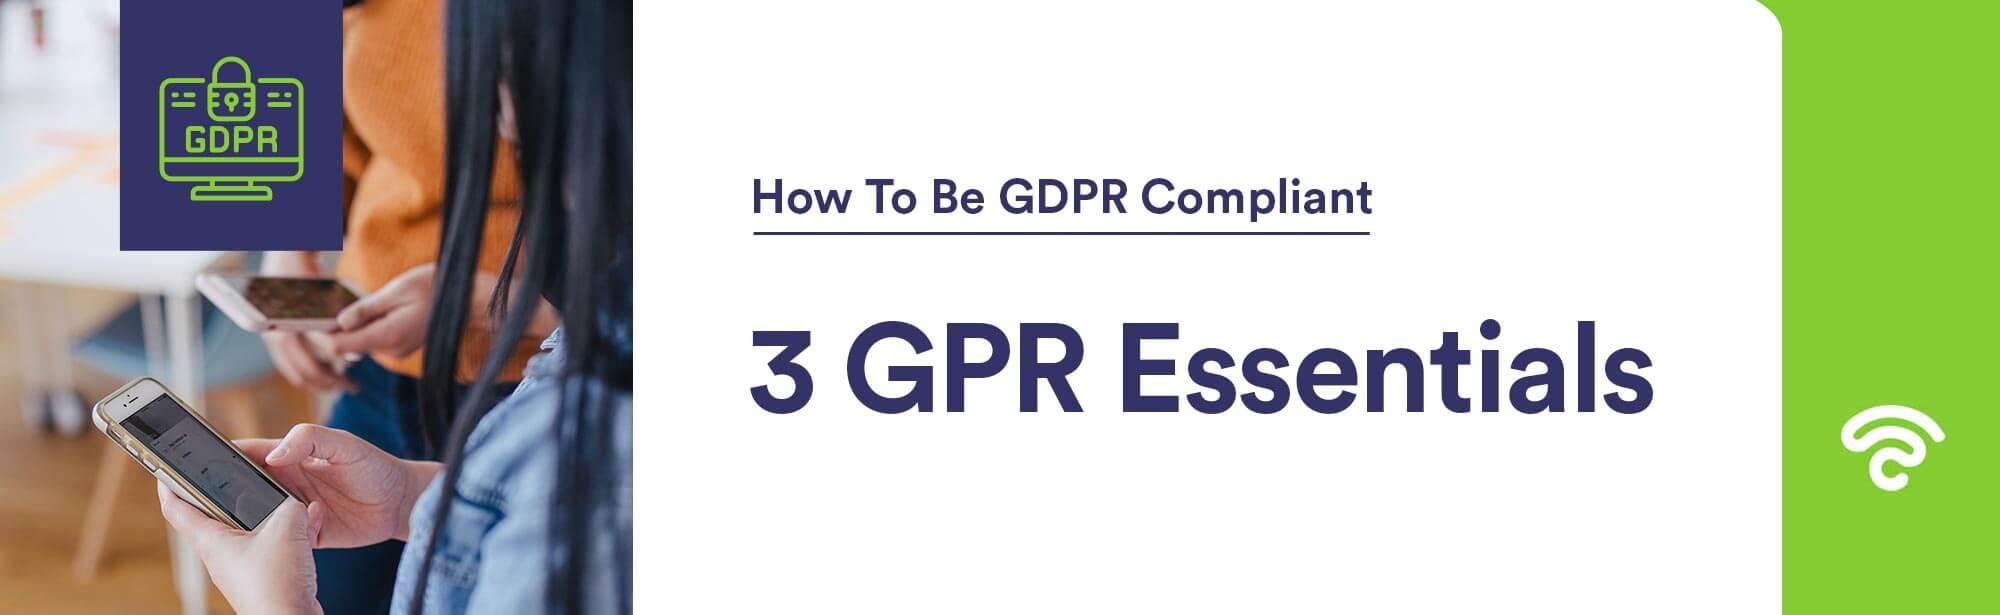 GDPR essentials